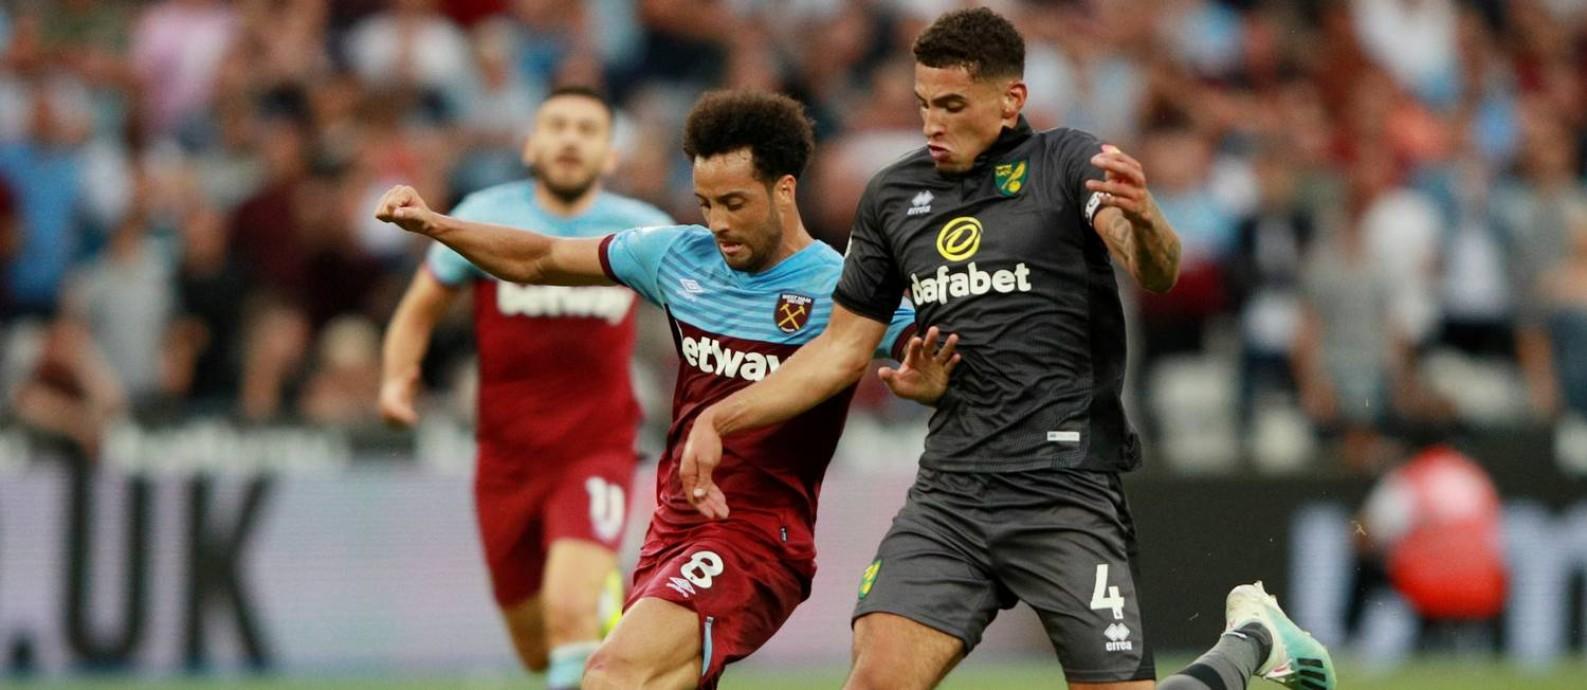 O West Ham, de Felipe Anderson, e o Norwich, de Ben Godfrey, ambos patrocinados por sites de apostas, se enfrentam pelo Campeonato Inglês Foto: IAN WALTON / REUTERS